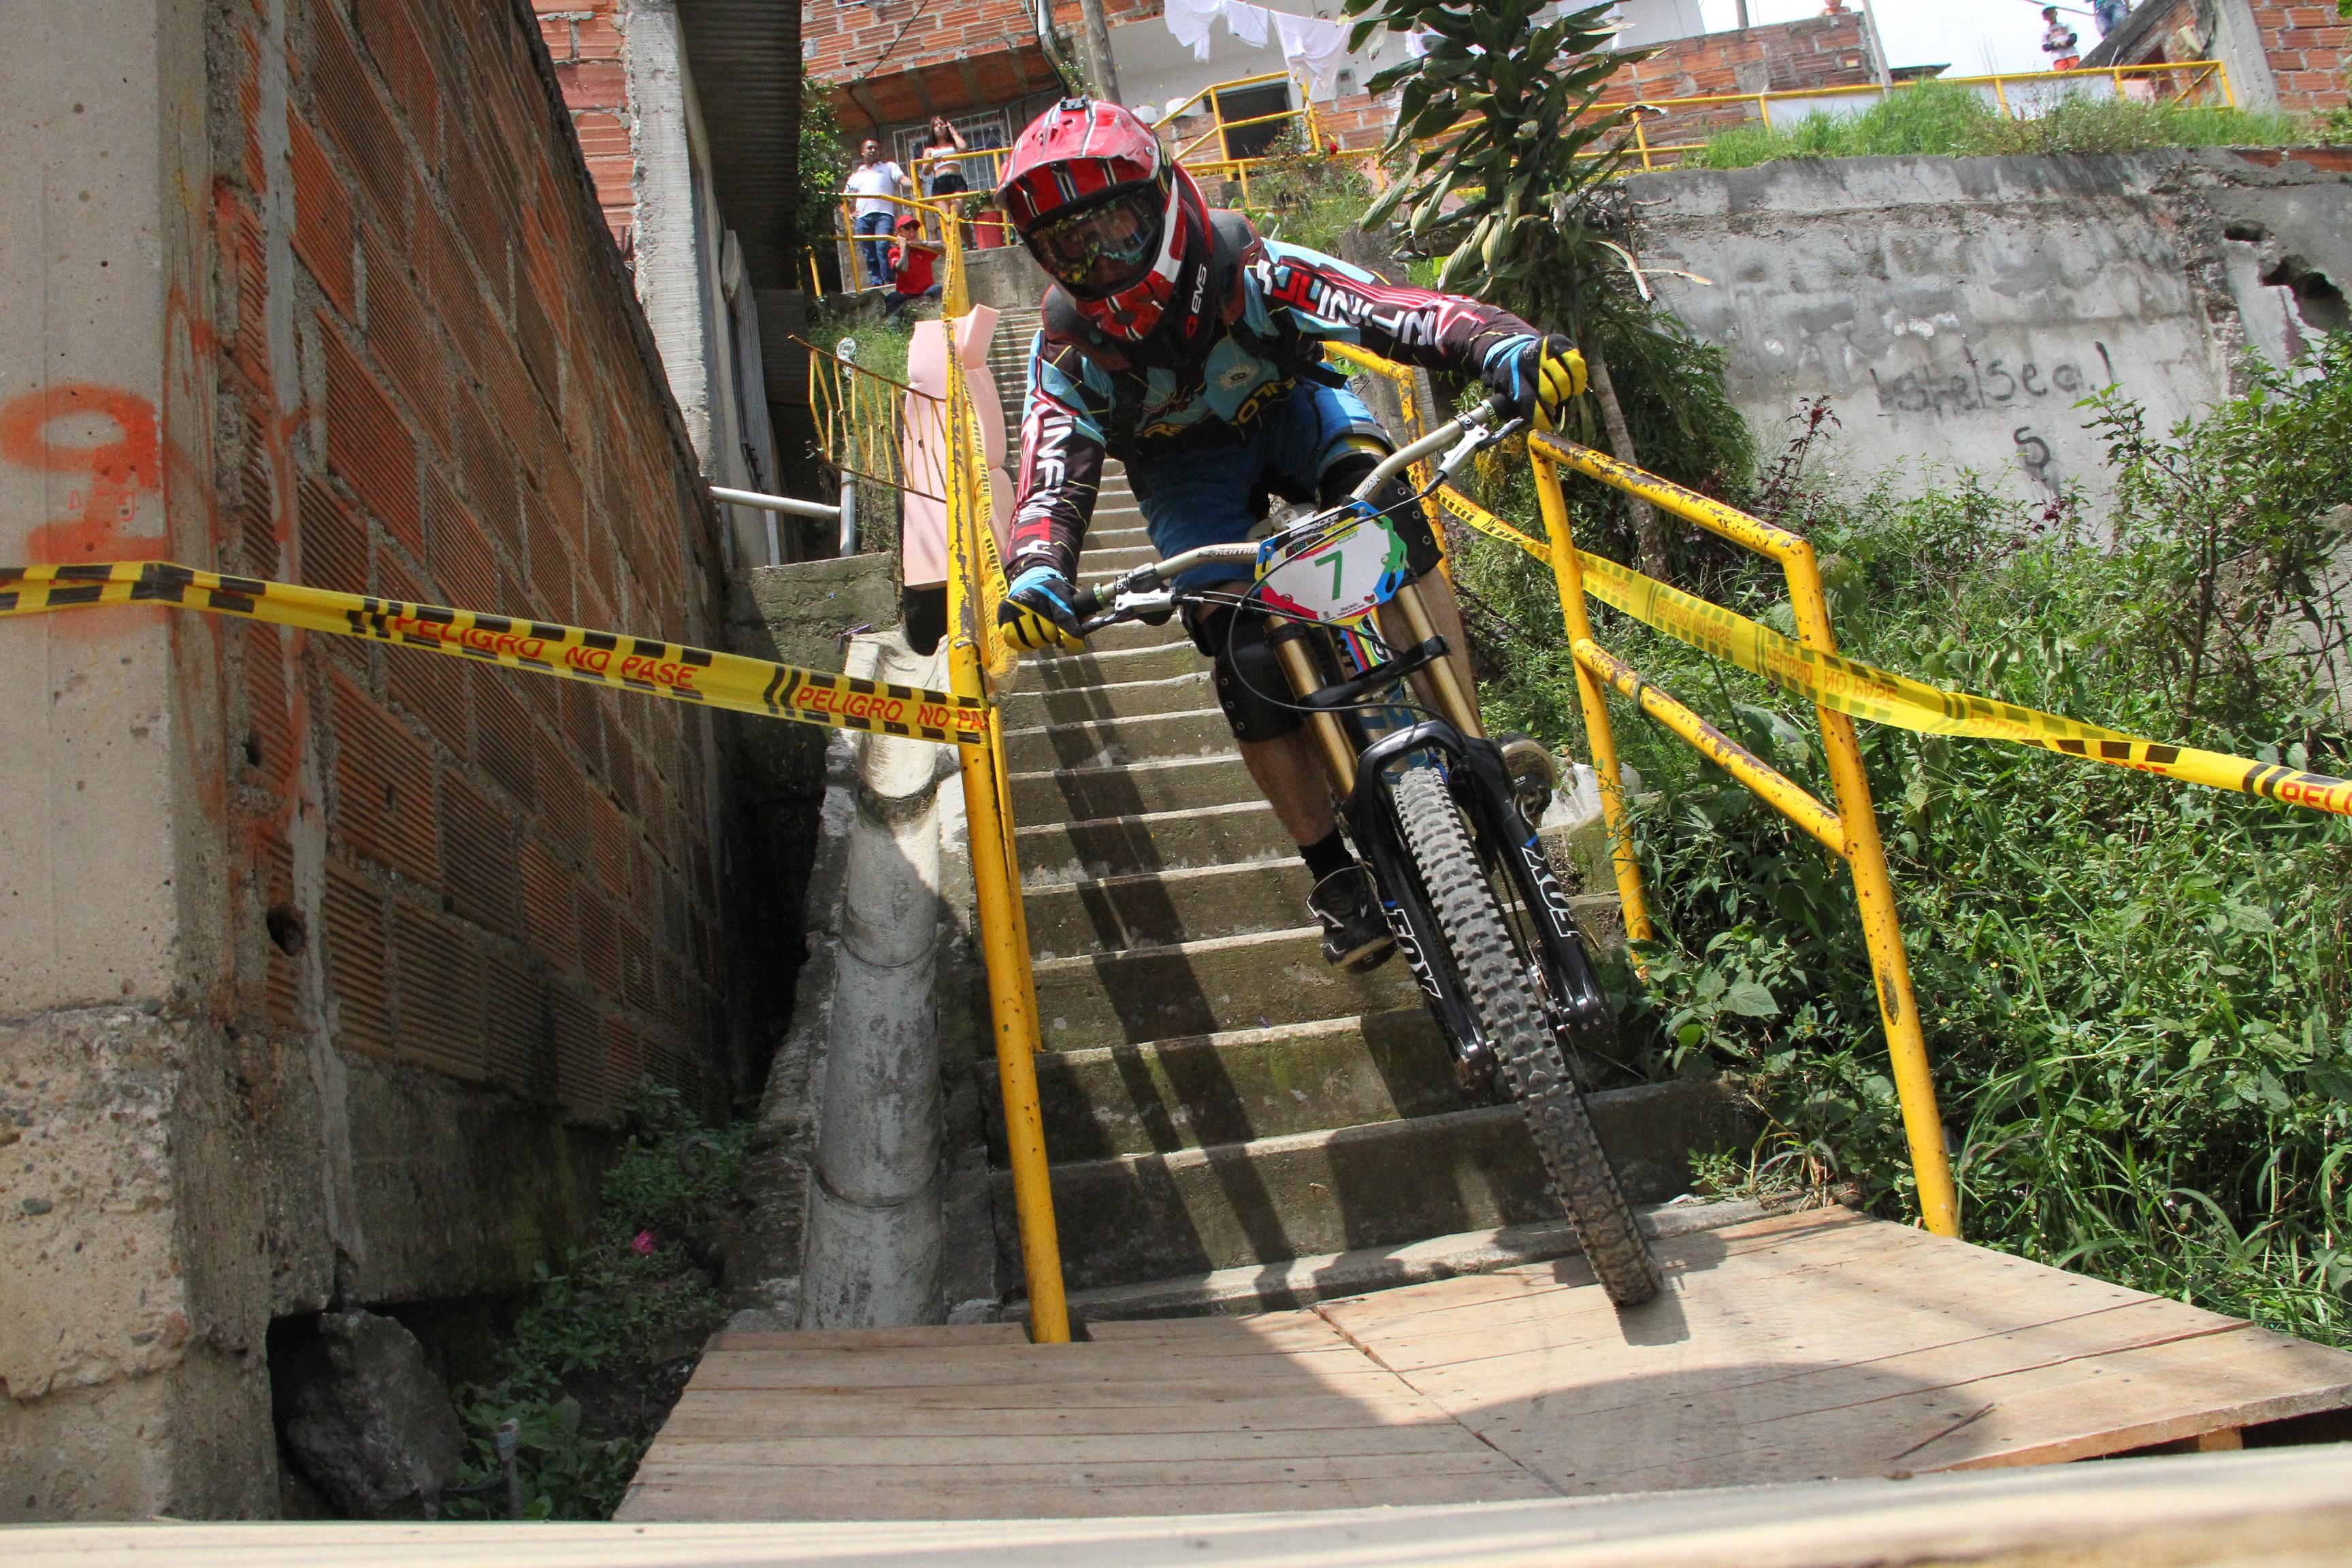 downhill-urban-bike-inder-adrenalina-bicicleta-medellin-ciudad-inteligente2-14